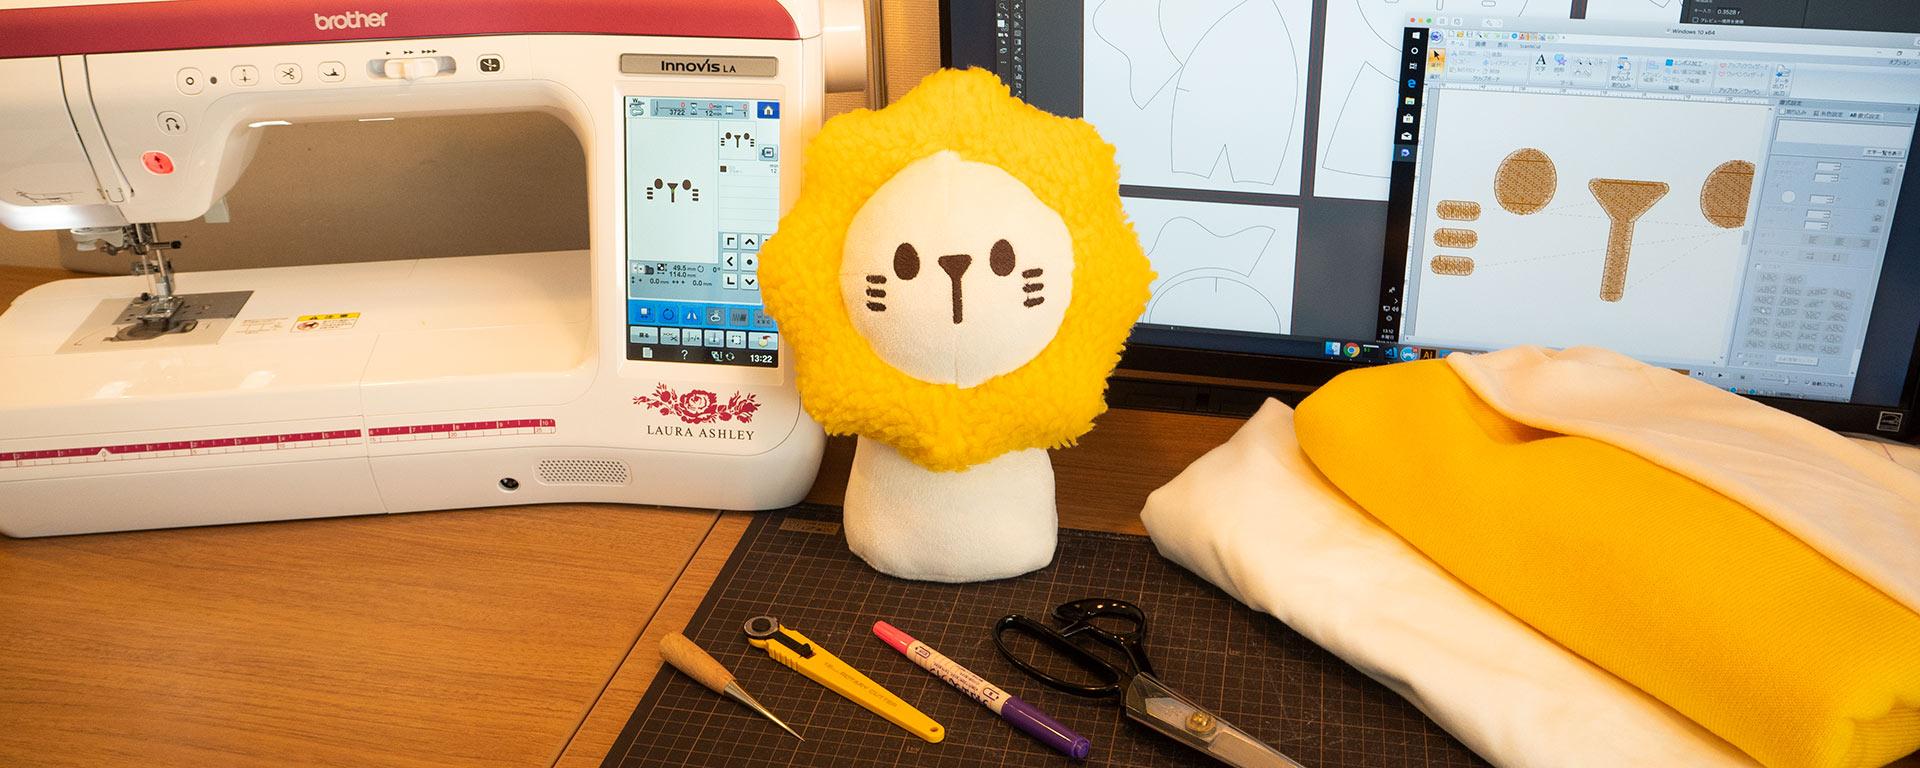 3Dモデルからぬいぐるみの型紙を取るWebアプリを作ってみた